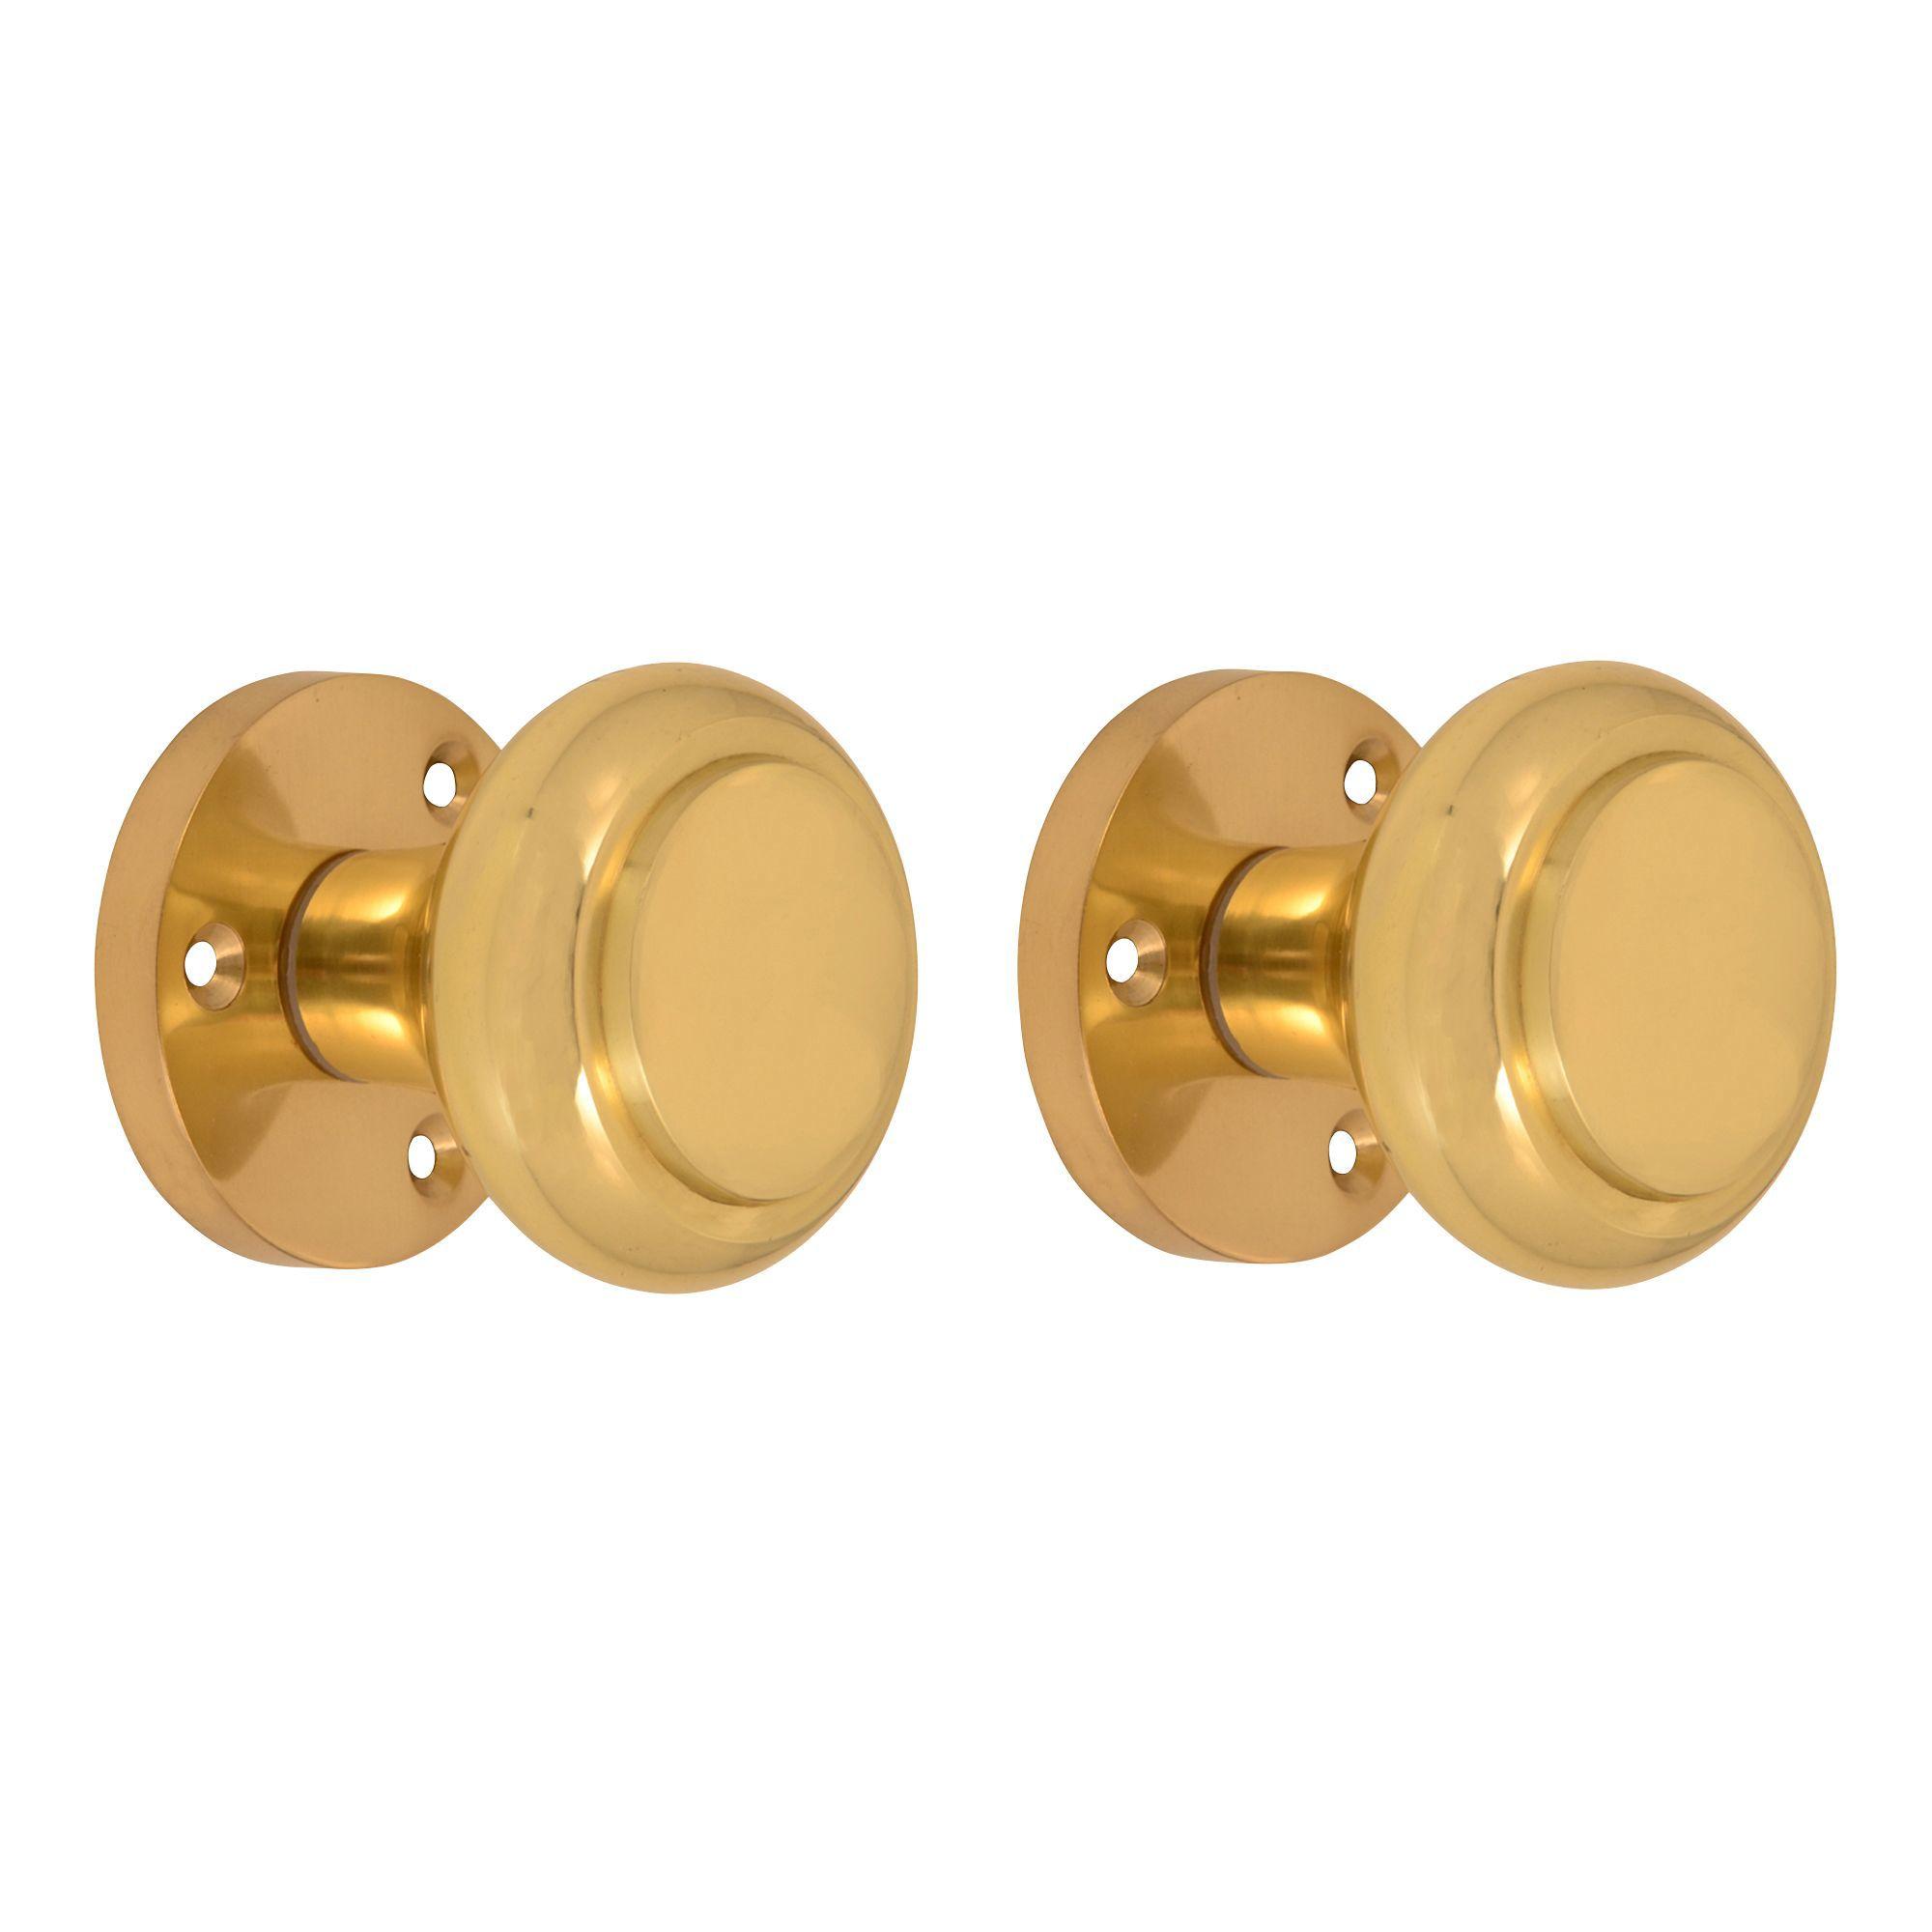 Brass Door Knob DIY